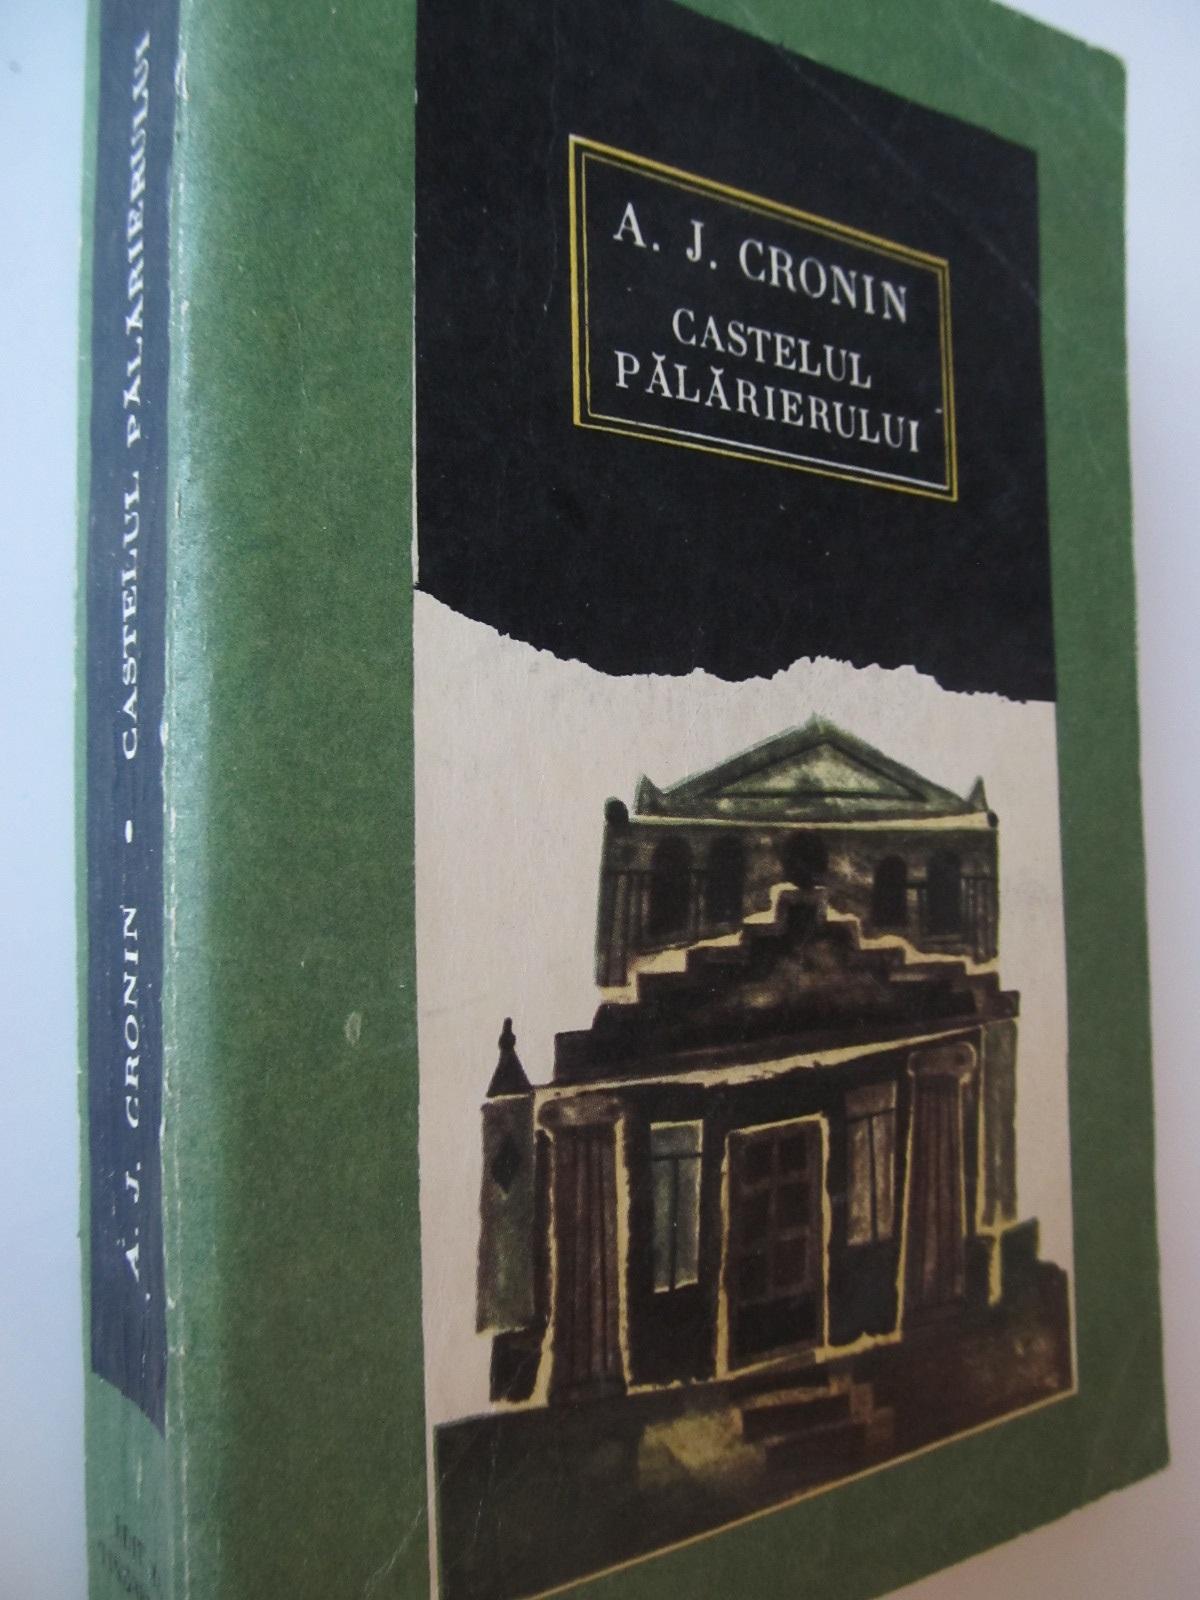 Castelul palarierului - A. J. Cronin   Detalii carte